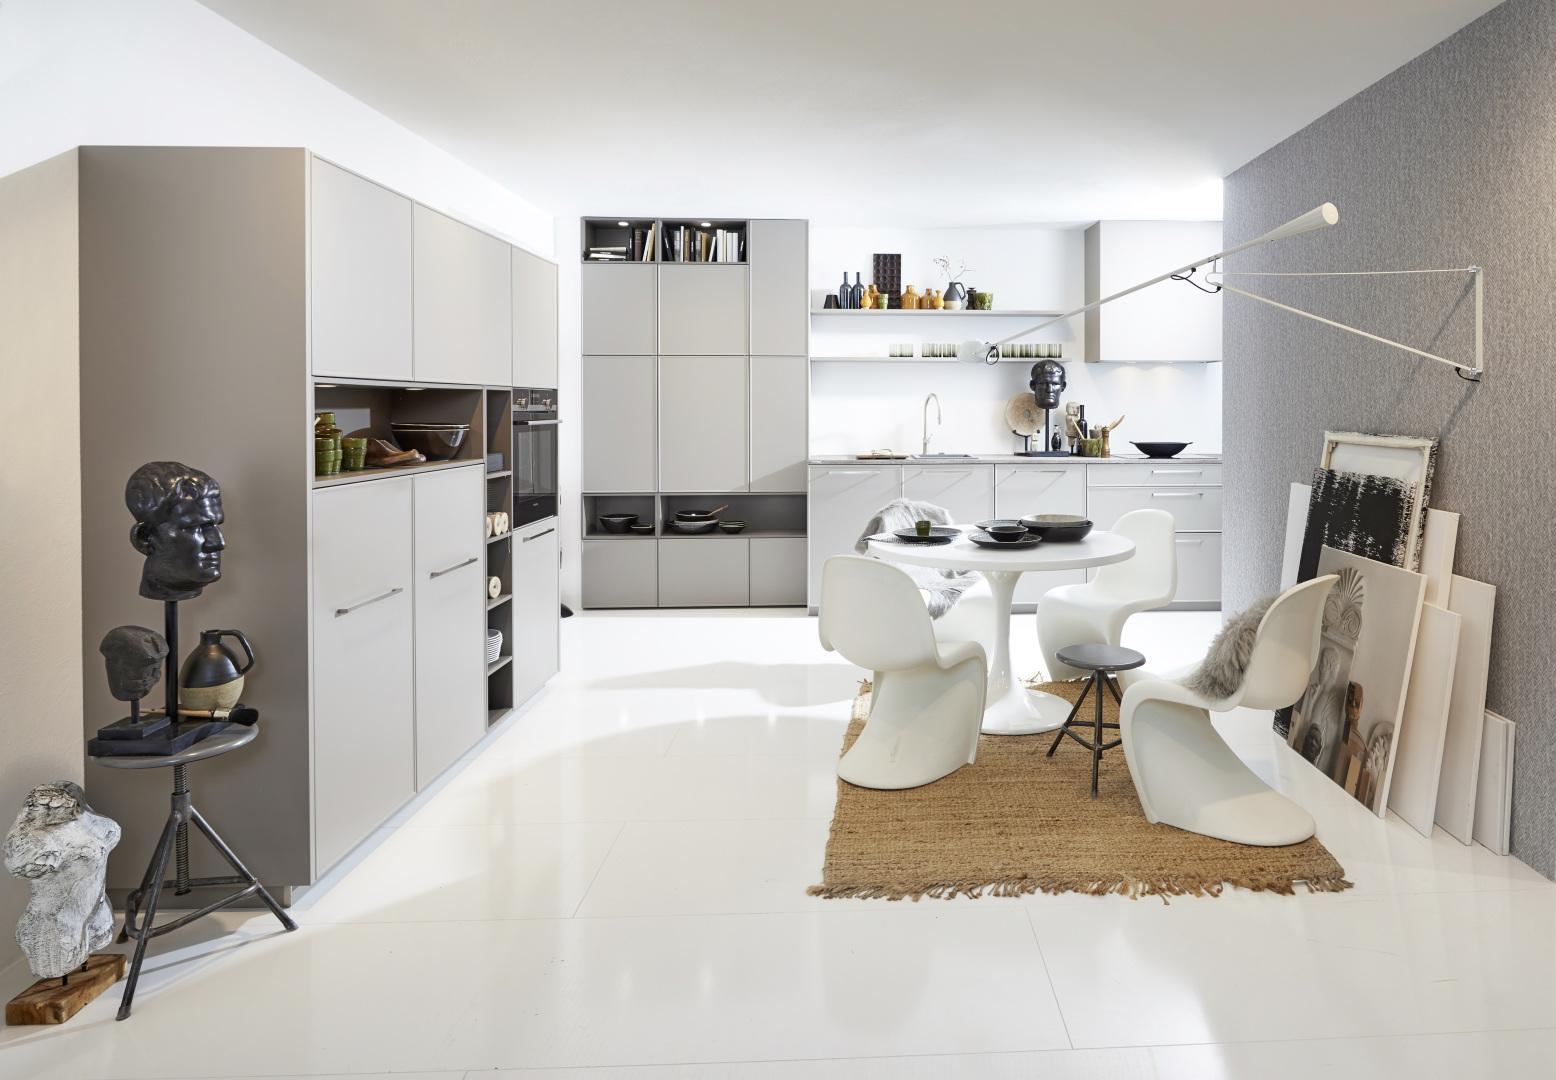 Moderne Küchen online kaufen - gute Preise | küchenEXPERTE Hannover